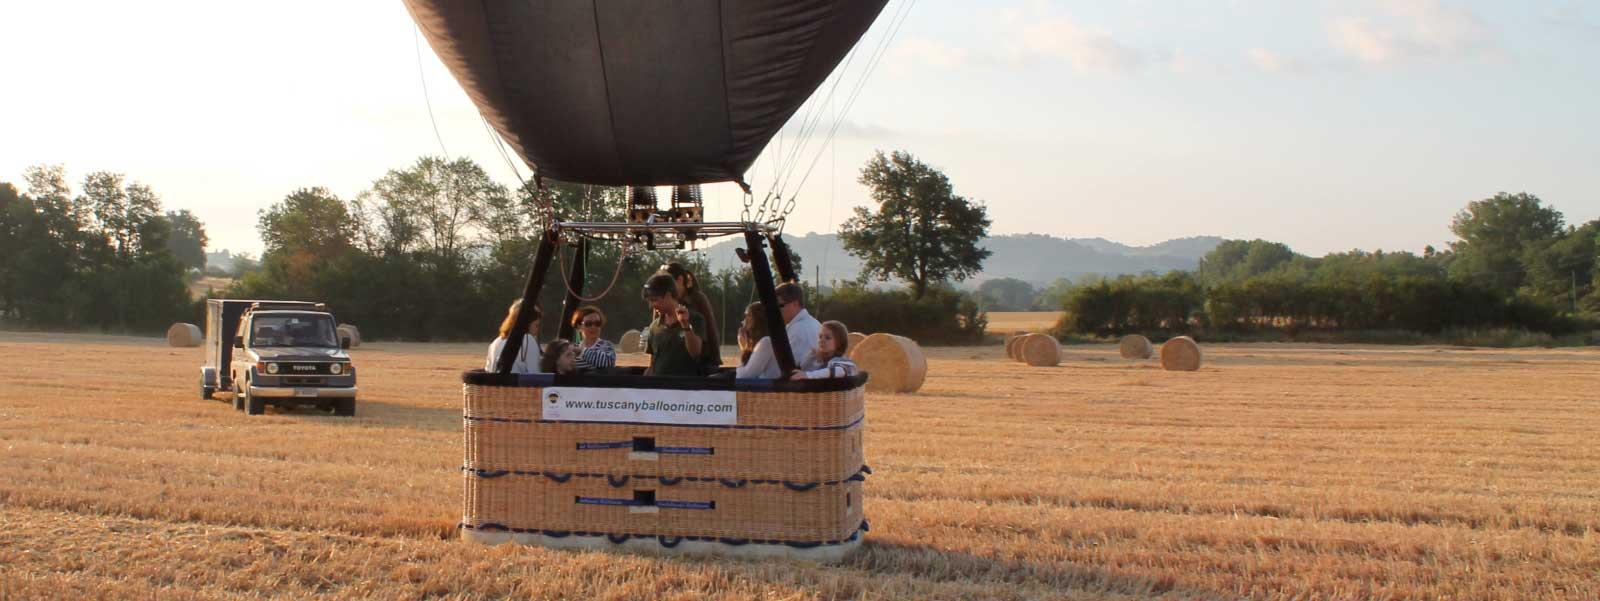 balloon-landing